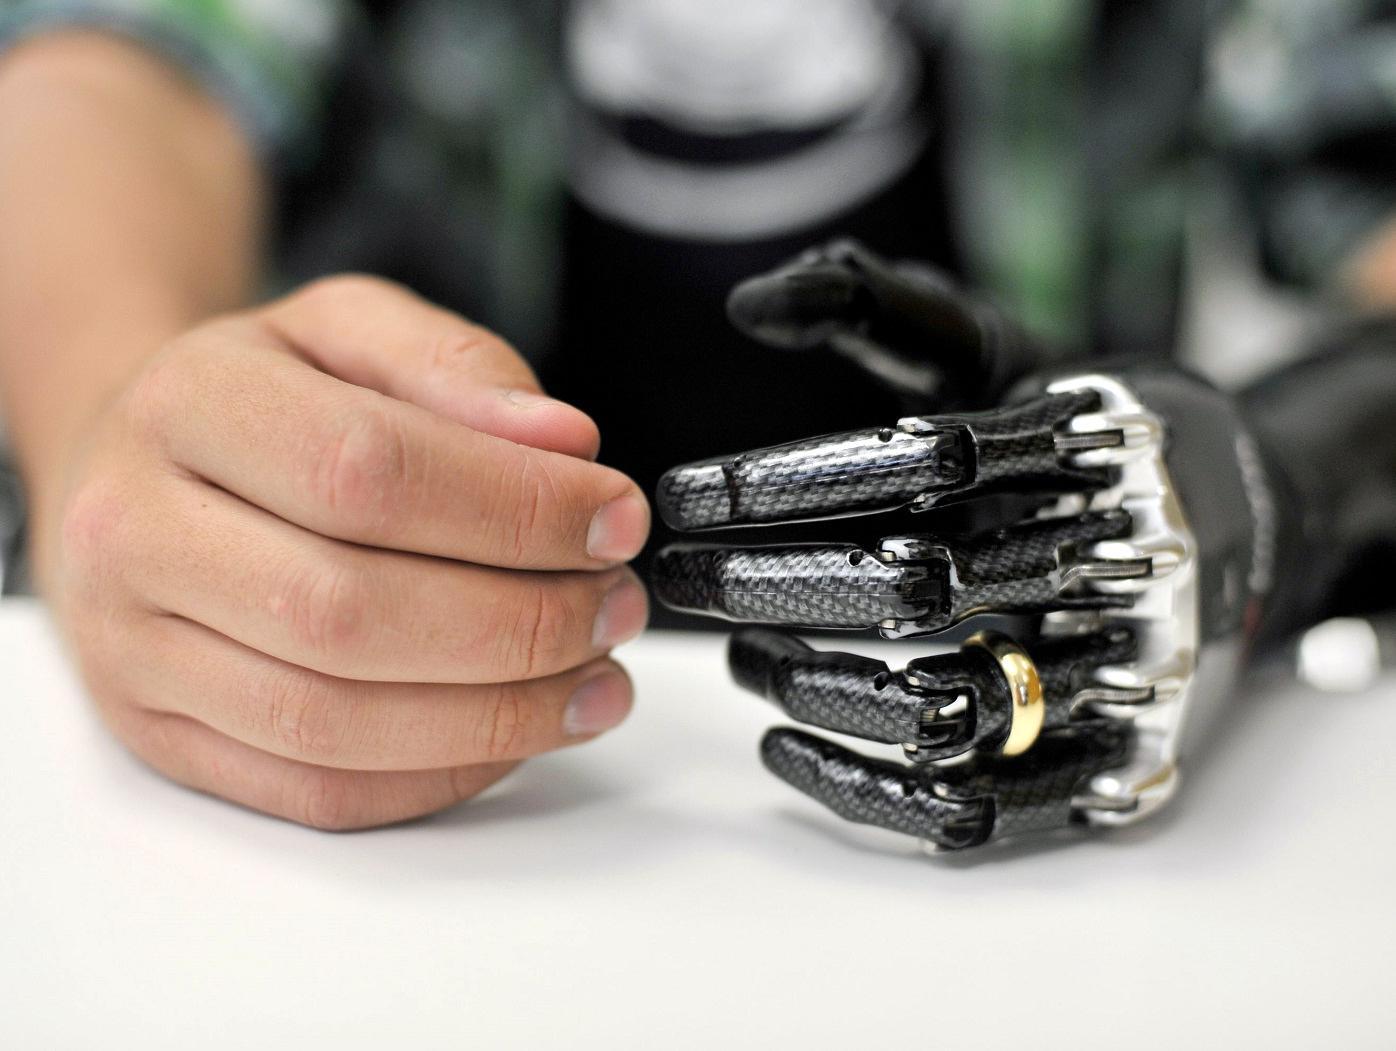 Resultado de imagen de implantes bionicos